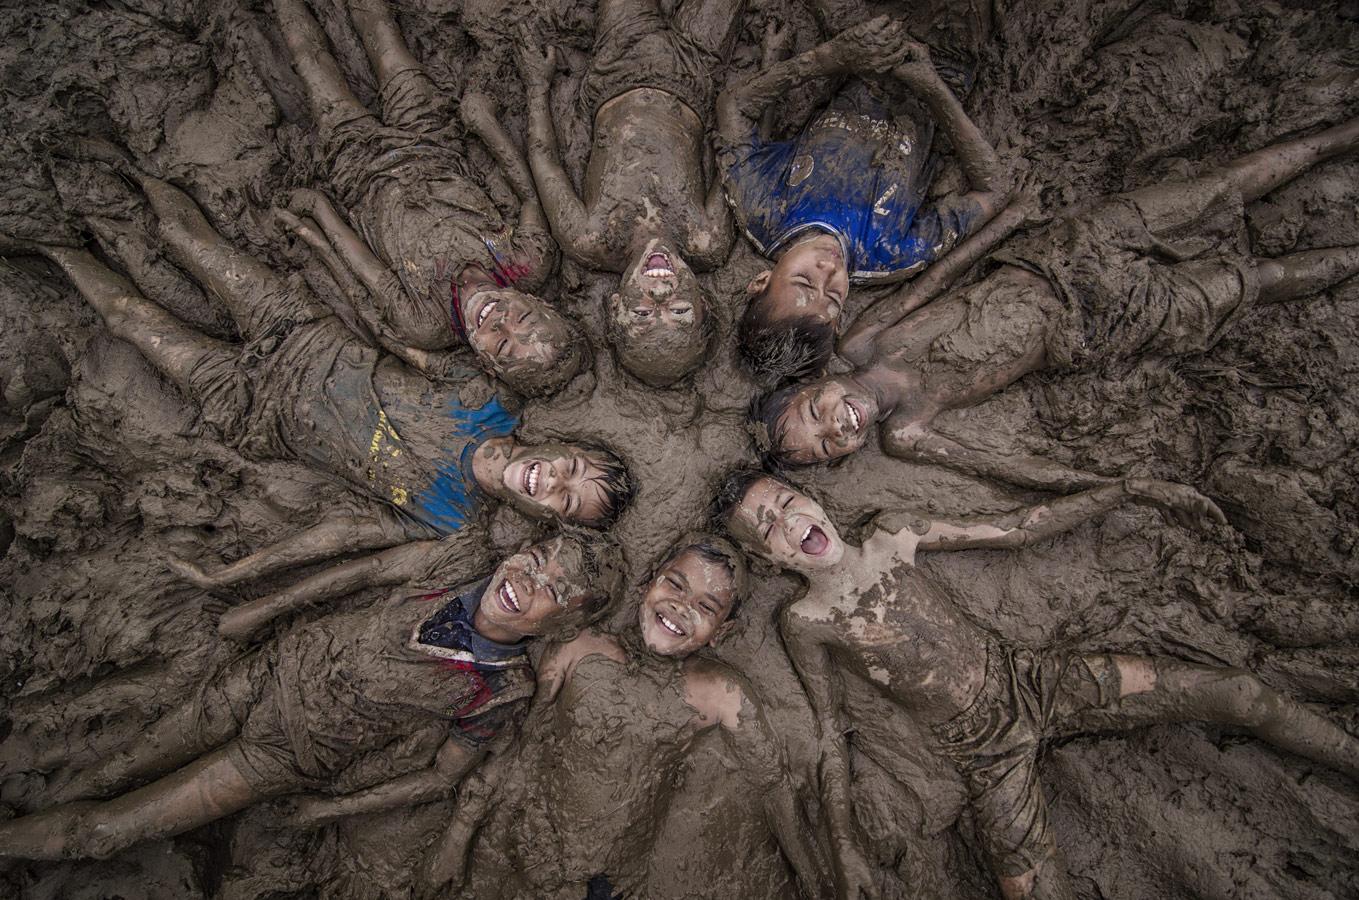 Счастливые дети, © Даниэль Сапутра / Daniel Saputra, Индонезия, 2 место в номинации «Детская фотография», Фотоконкурс 35AWARDS — 100 Best Photos